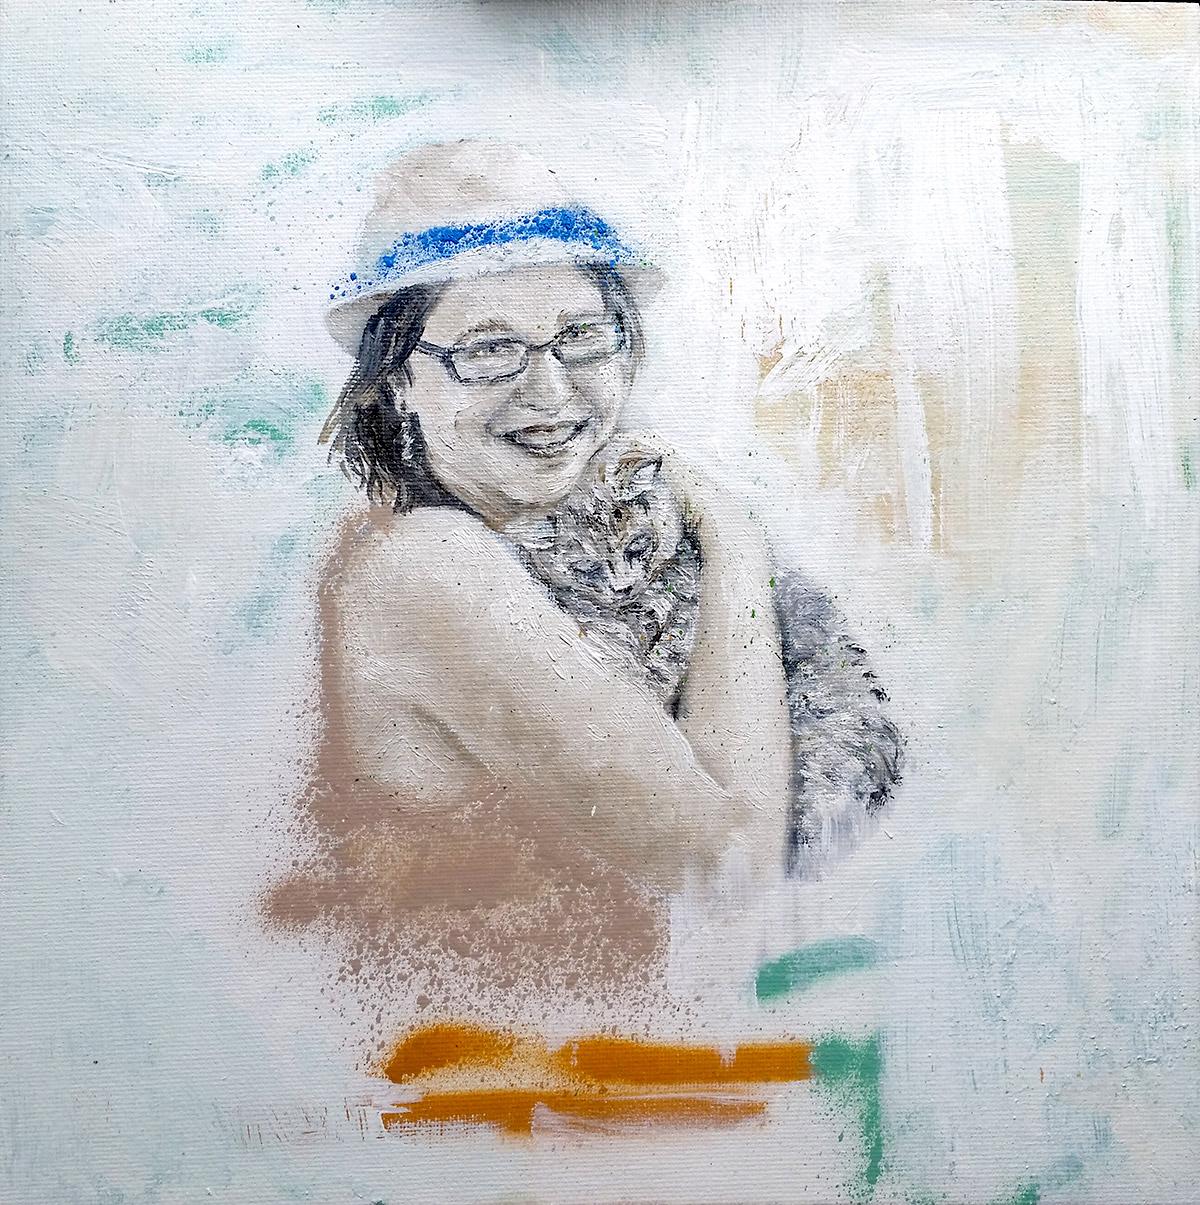 Portrait sur toile en cadeau par le portraitiste Enkage